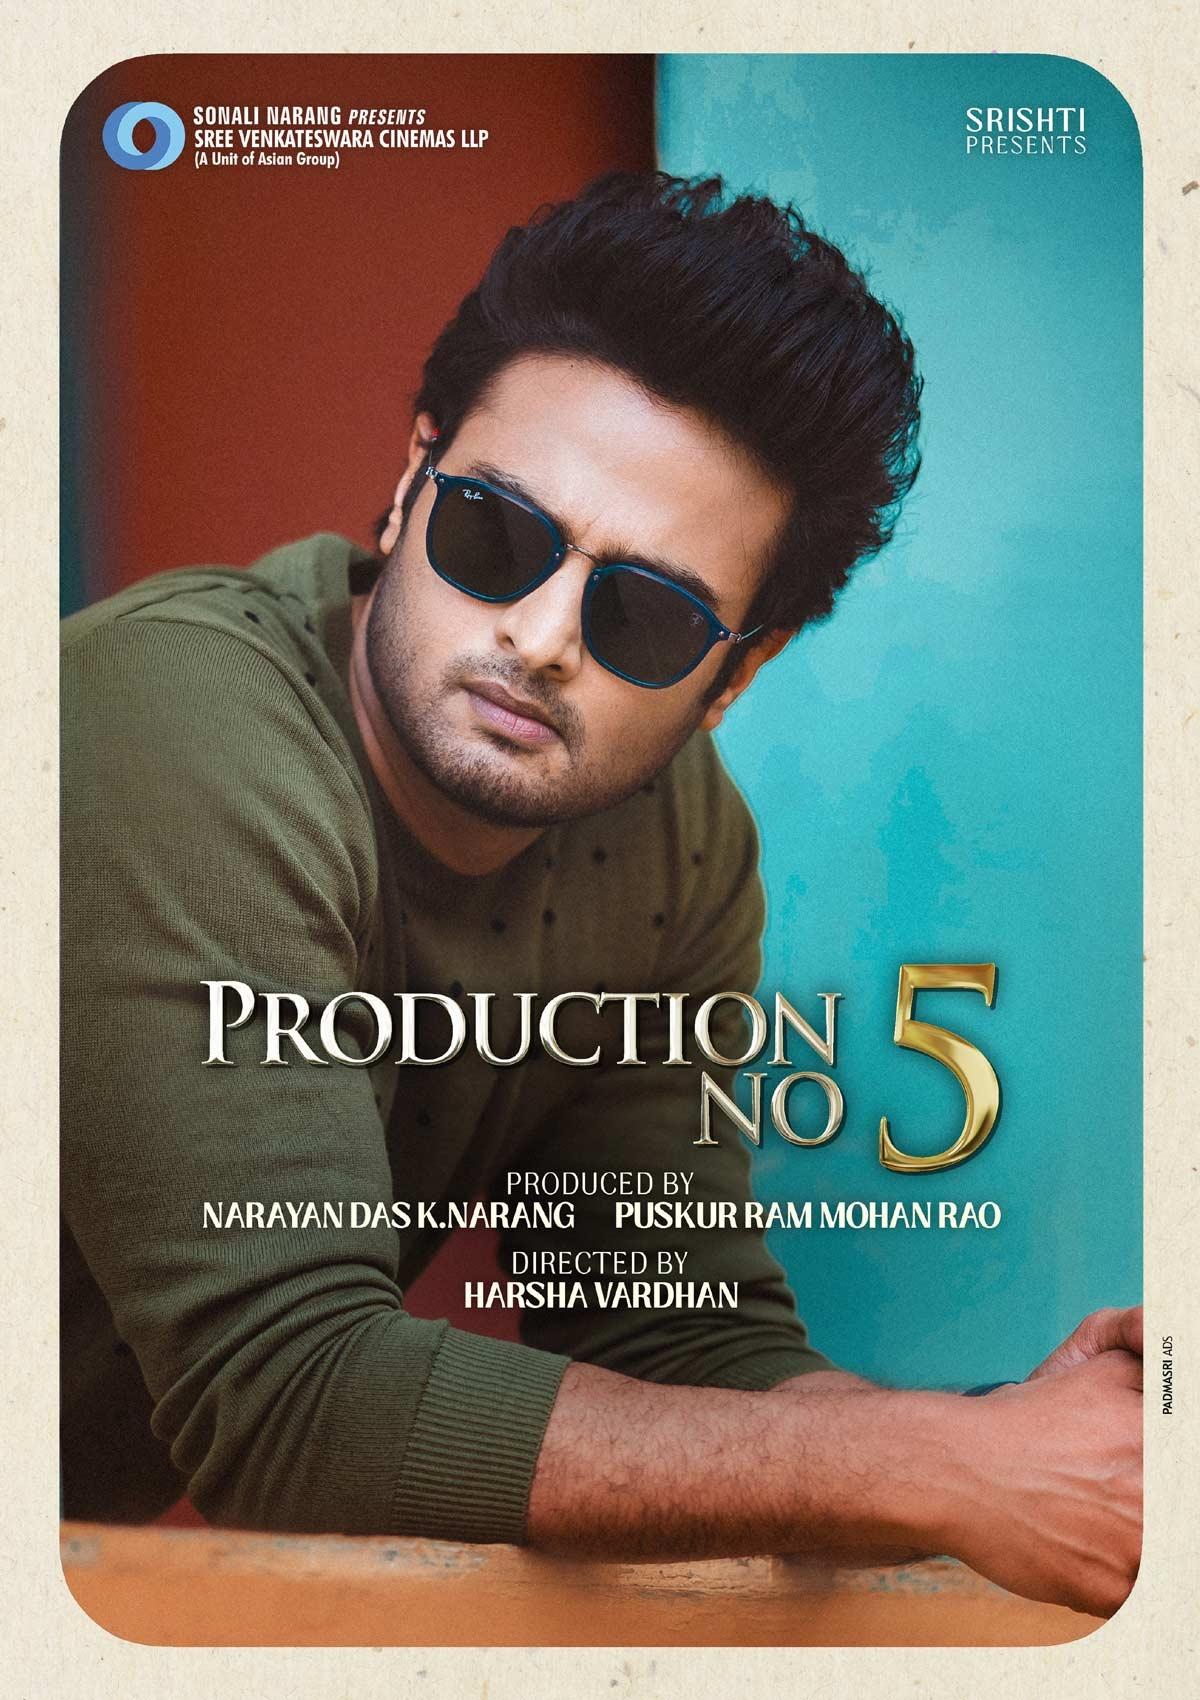 Sree Venkateswara Cinemas announces movie with Sudheer Babu